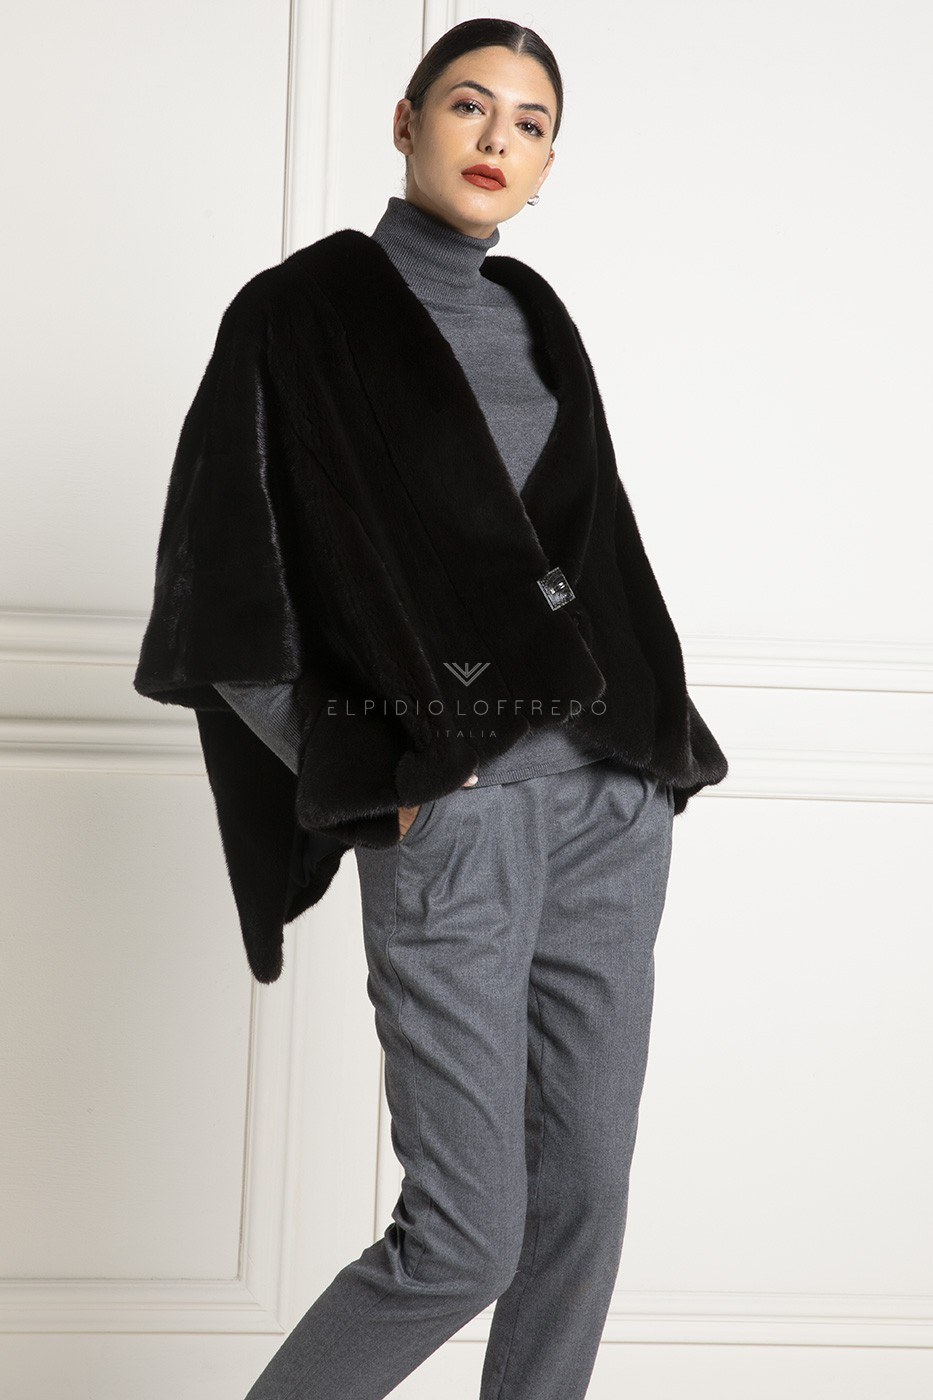 Mantelladi VisoneBlackglama con collo rotondo - Lunghezza 70 cm